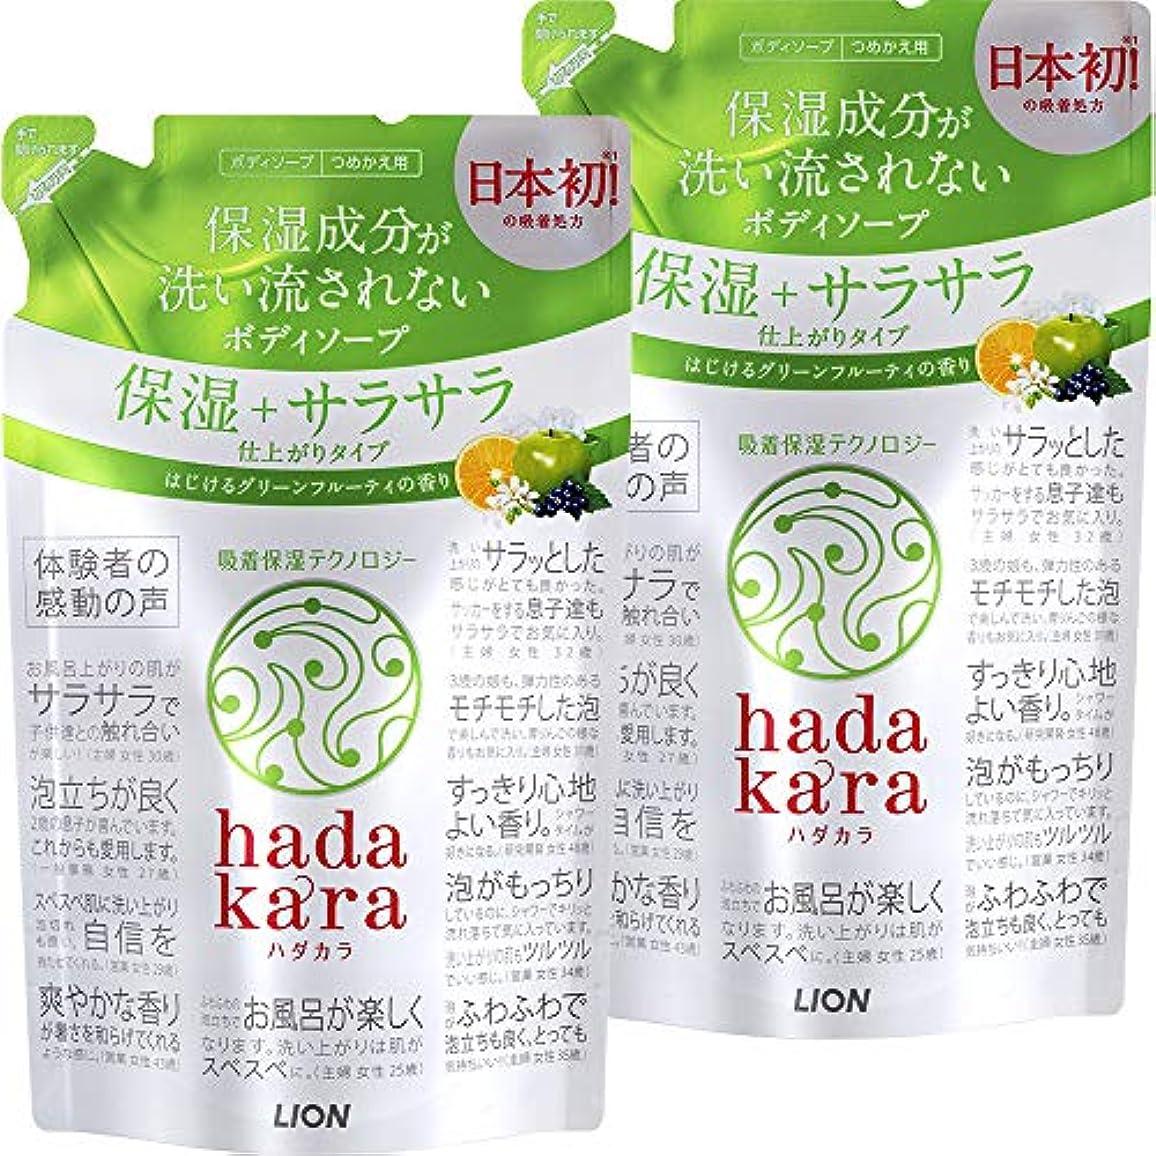 細心の袋チューブ【まとめ買い】hadakara(ハダカラ) ボディソープ 保湿+サラサラ仕上がりタイプ グリーンフルーティの香り 詰め替え 340ml×2個パック